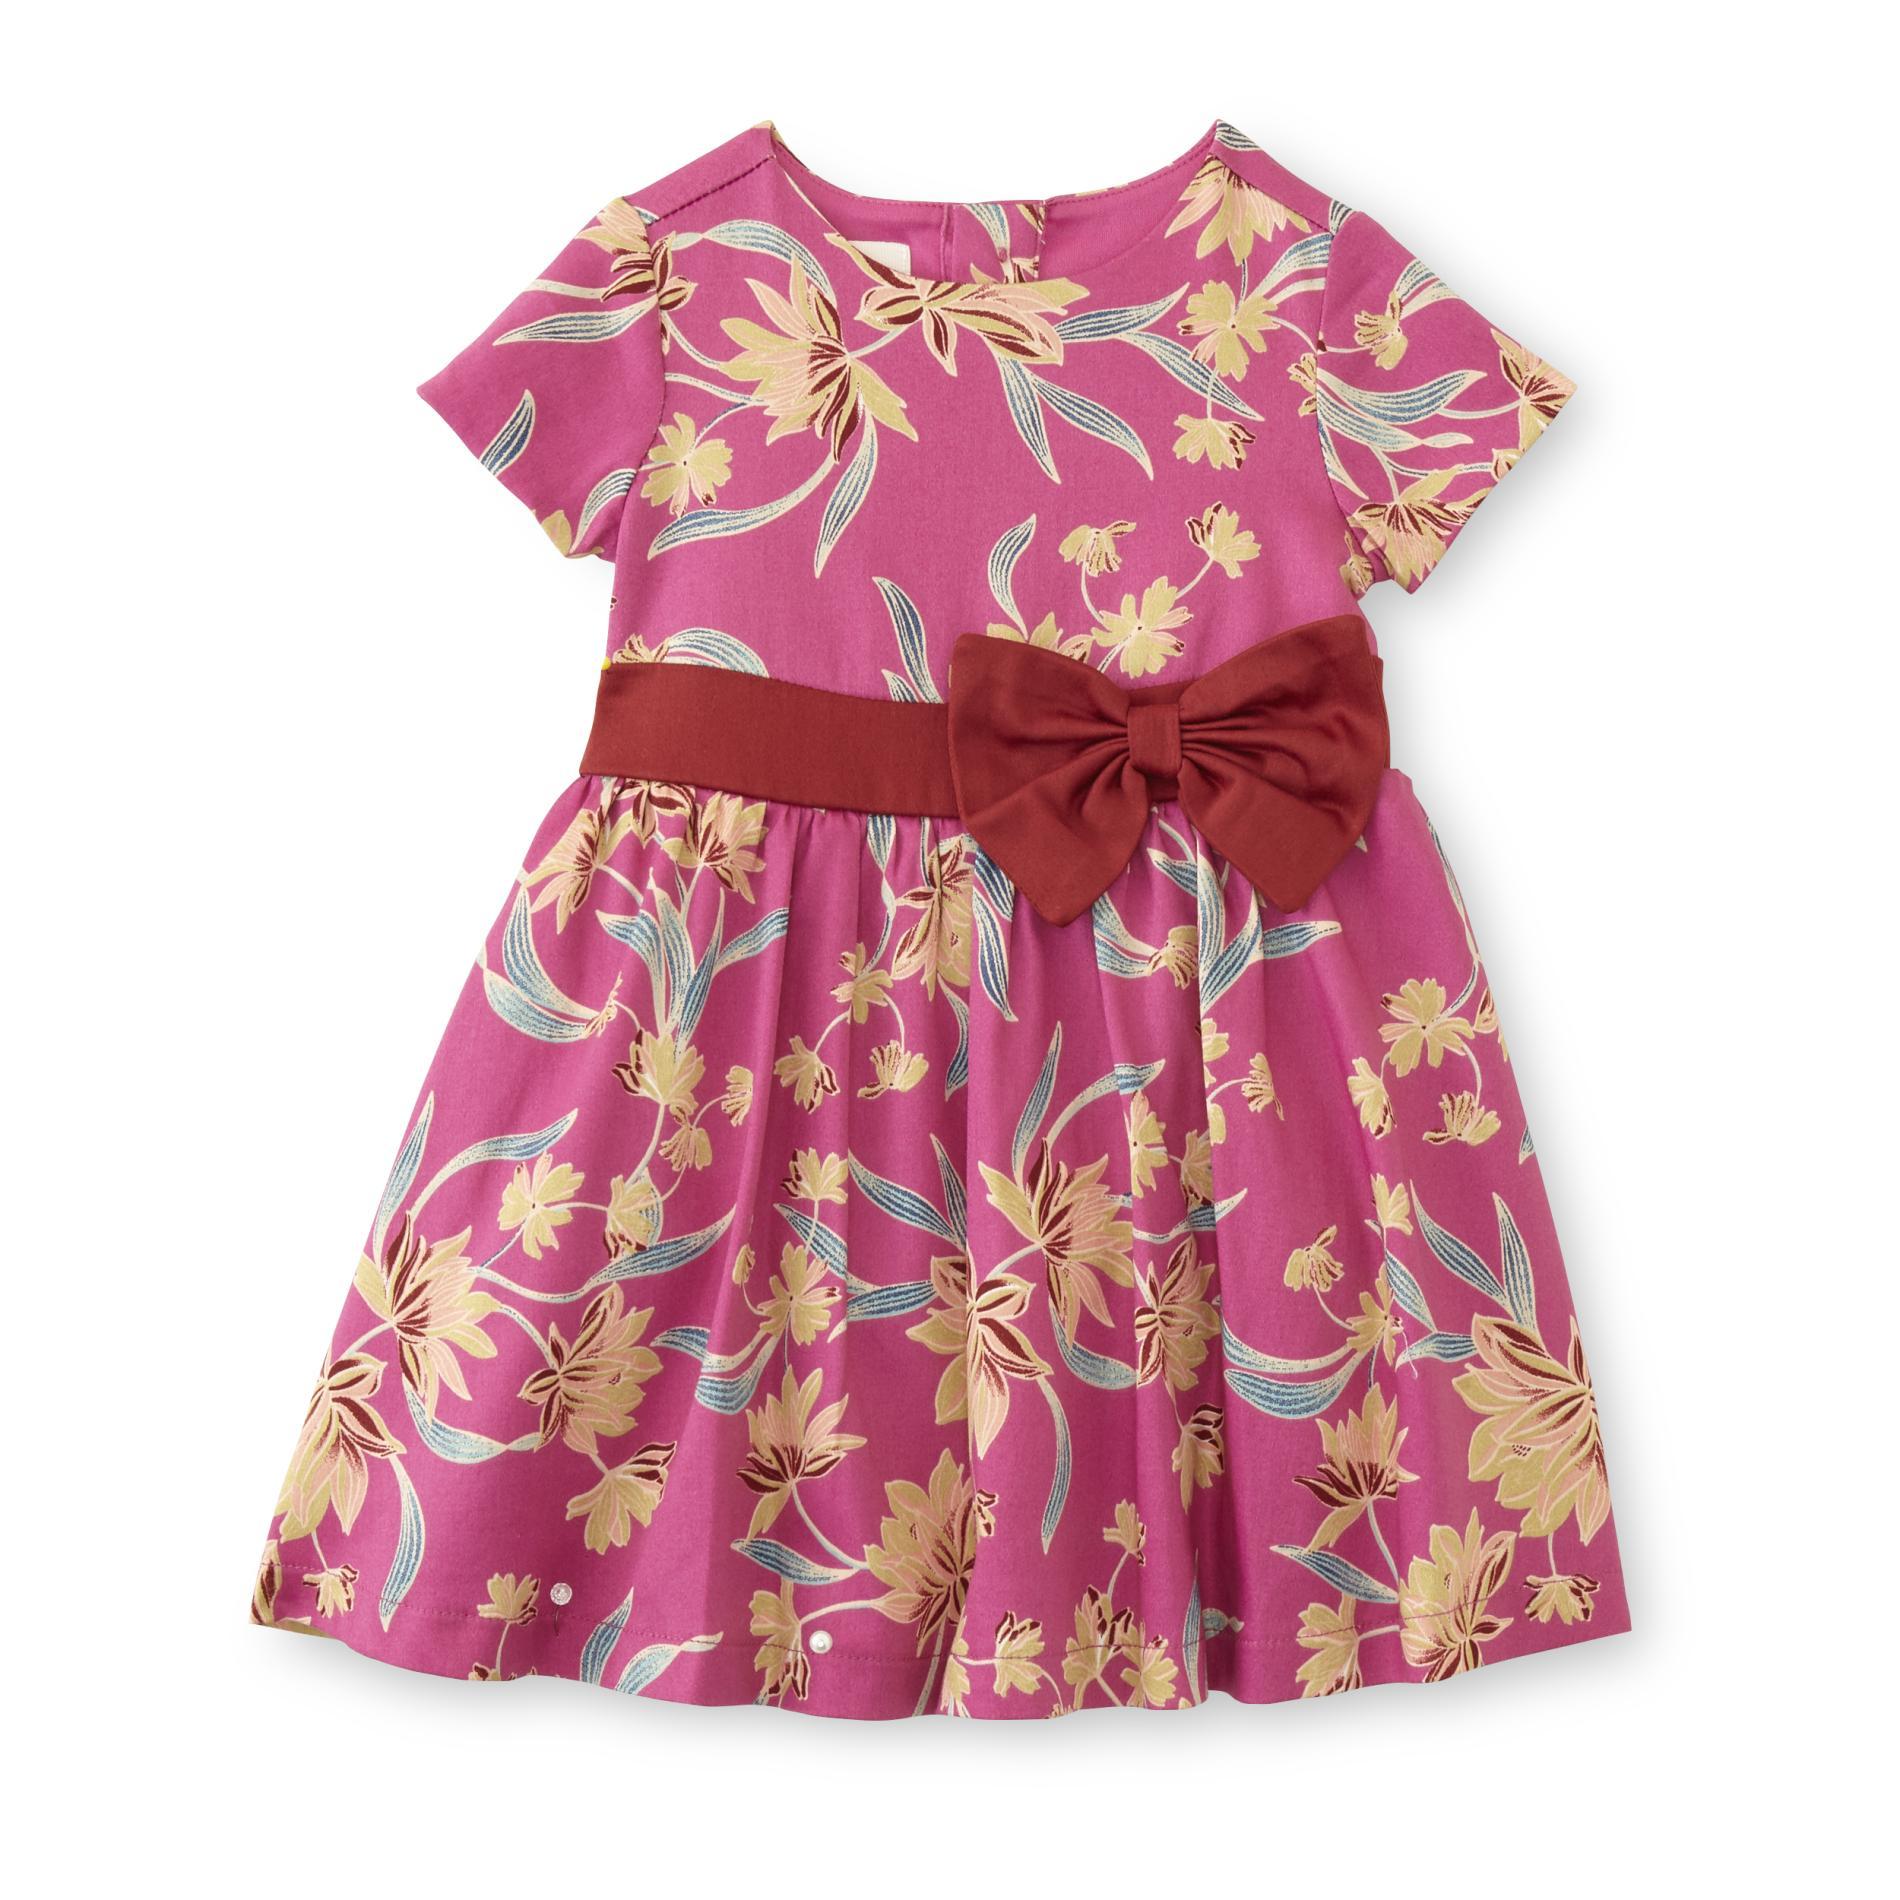 Spencer Infant Girls' Skater Dress - Floral, Size: 9-12 Months, Rose Violet im test